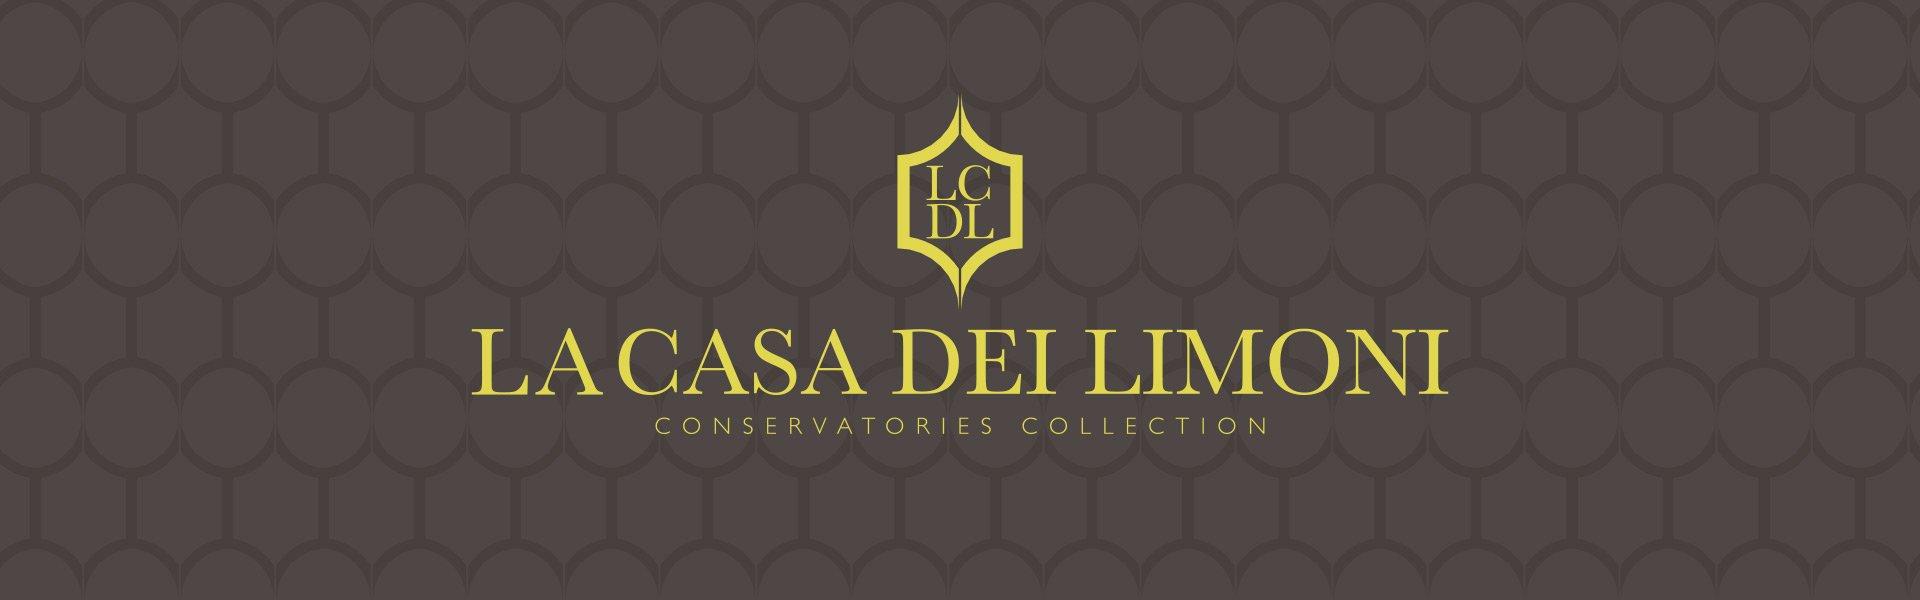 DFN La Casa dei Limoni catalogue download